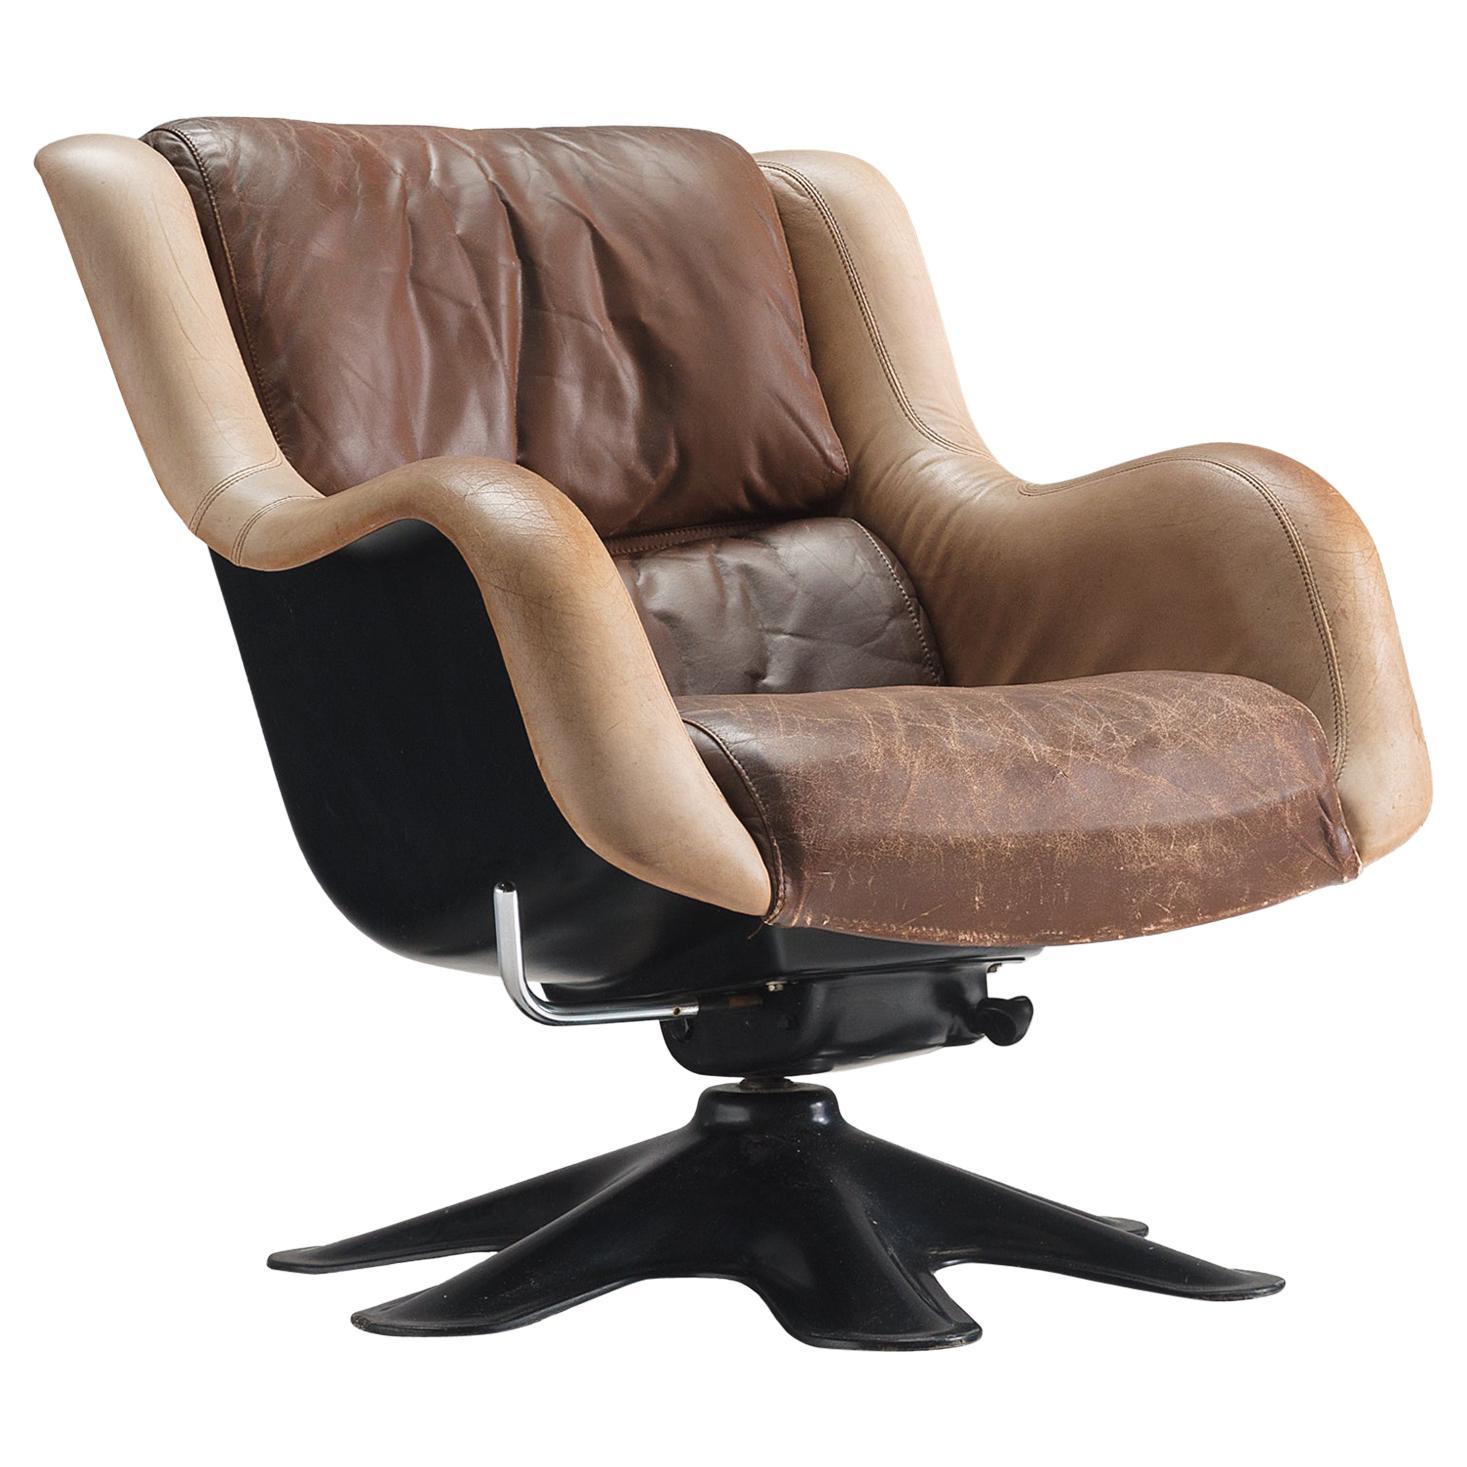 Yrjö Kukkapuro 'Karuselli' Lounge Chair in Brown Leather Upholstery